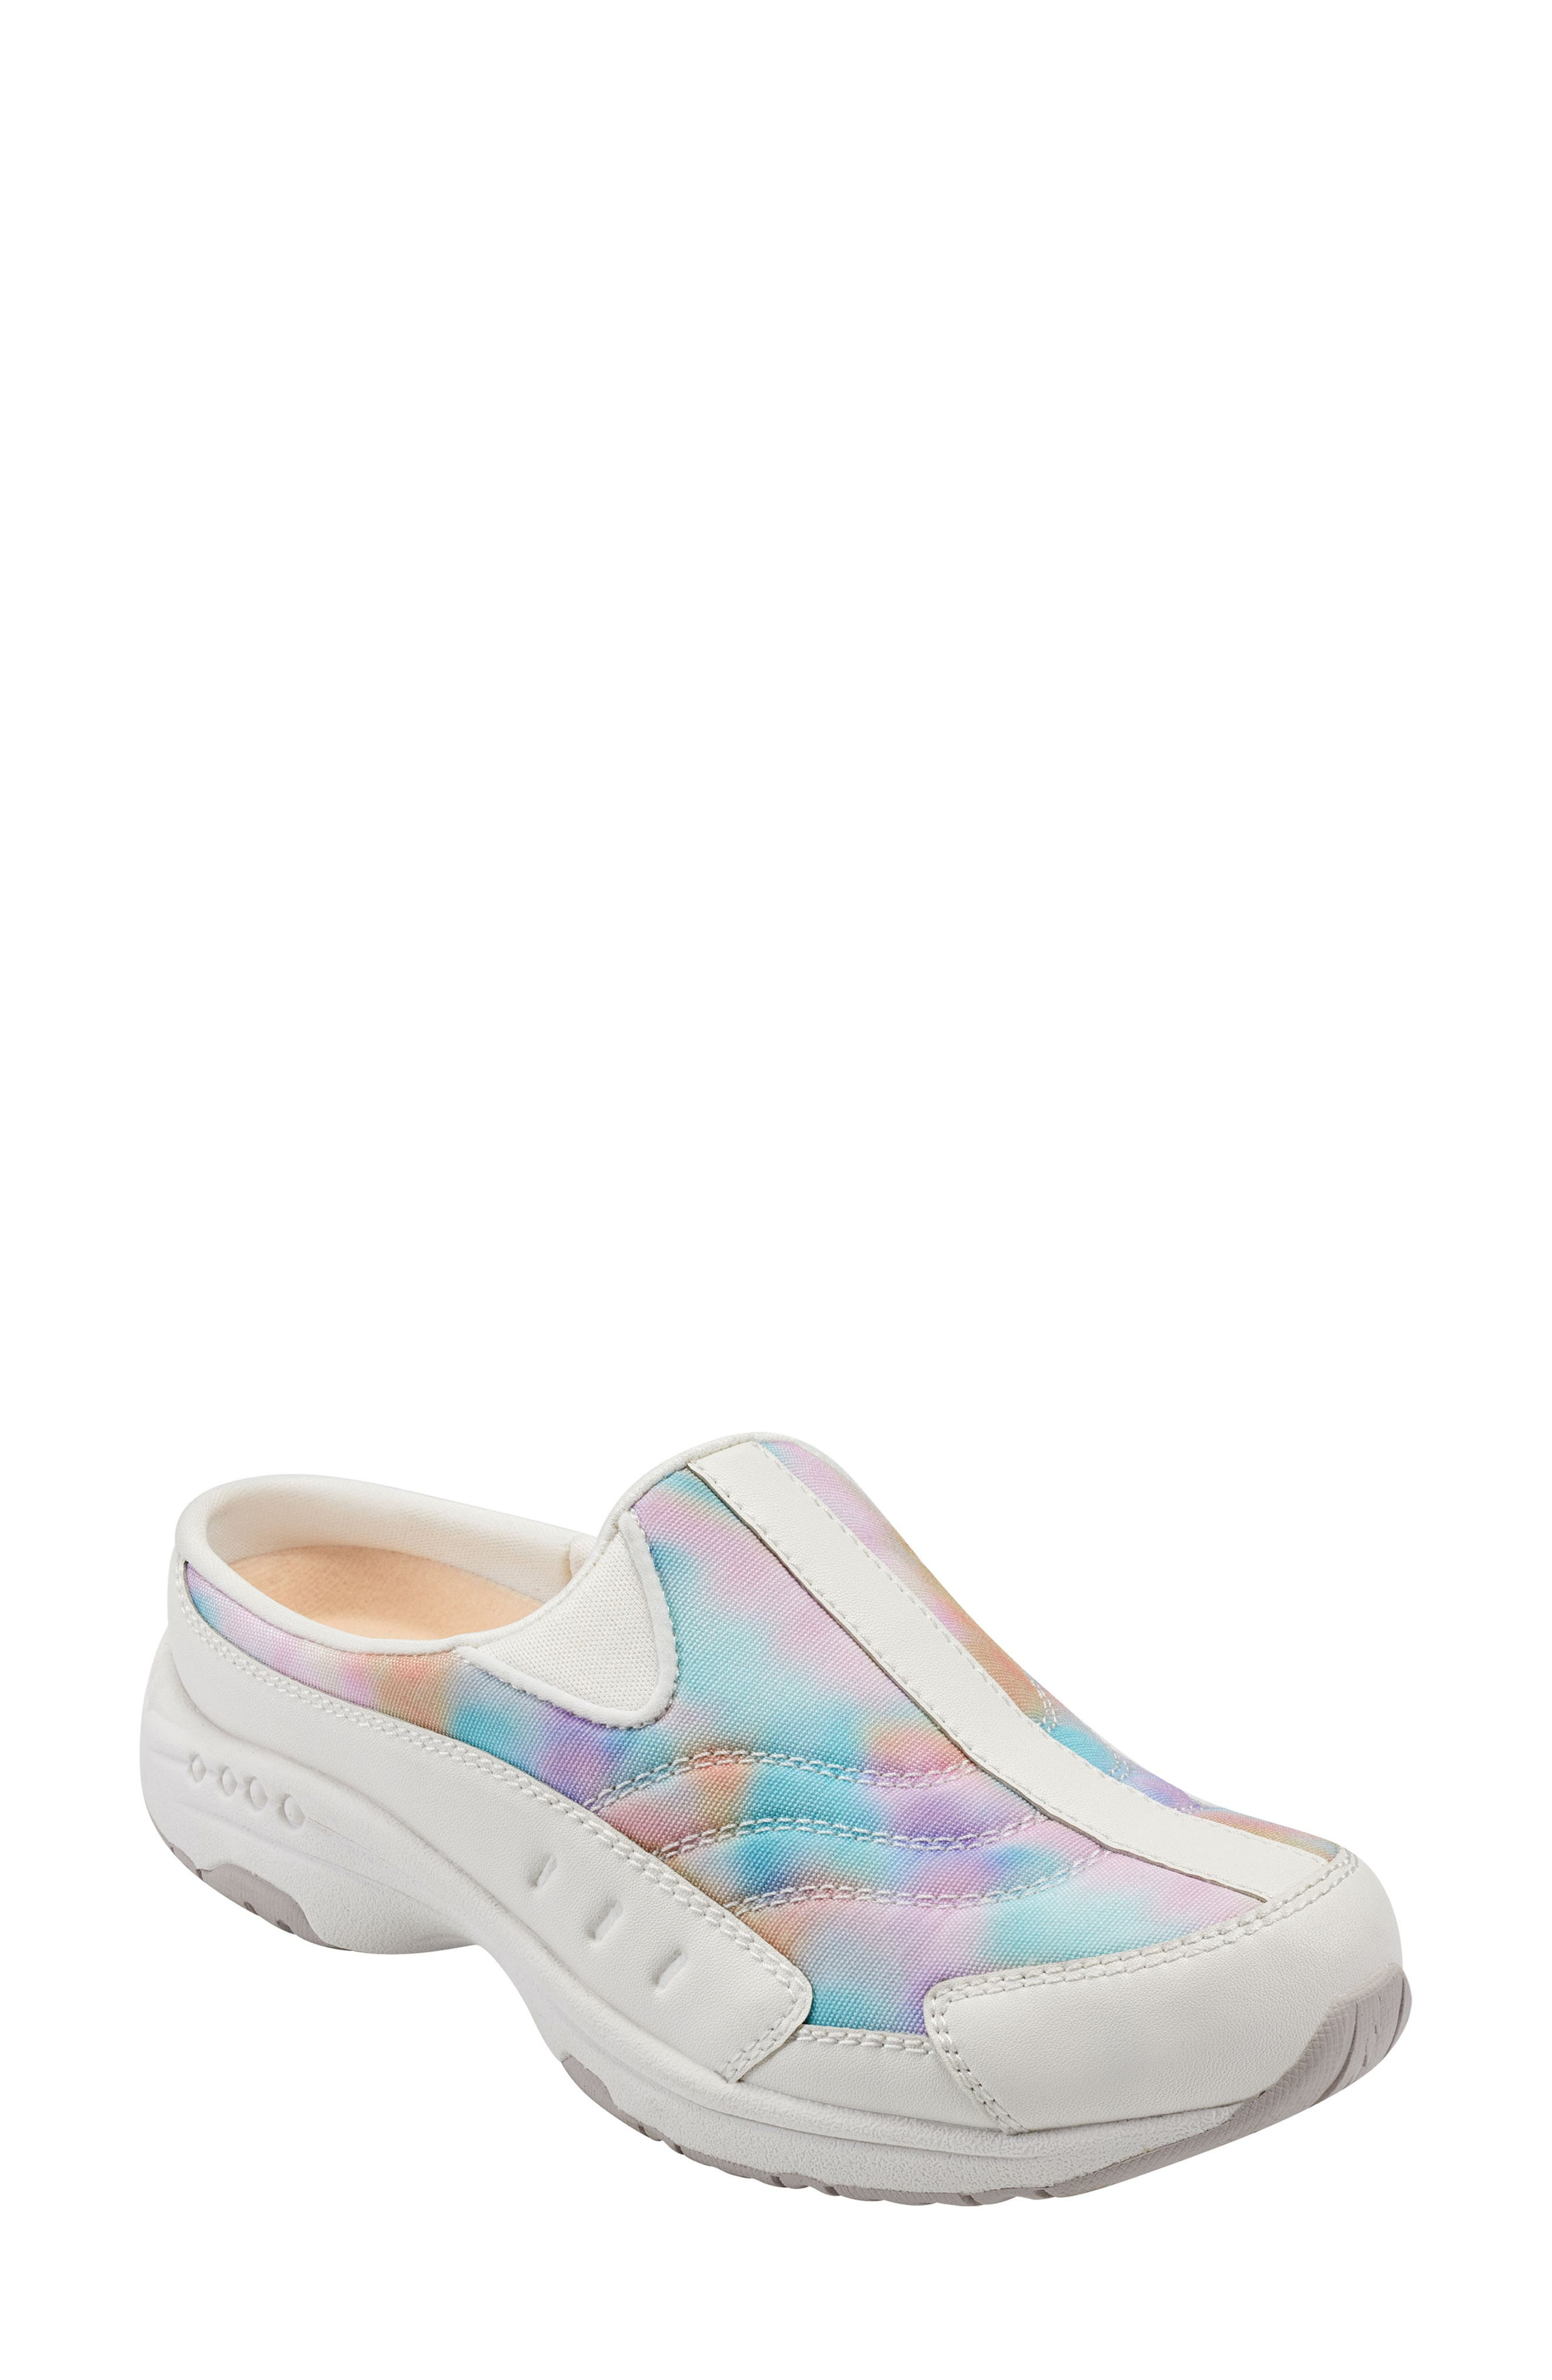 Traveltime Slip-On Sneaker